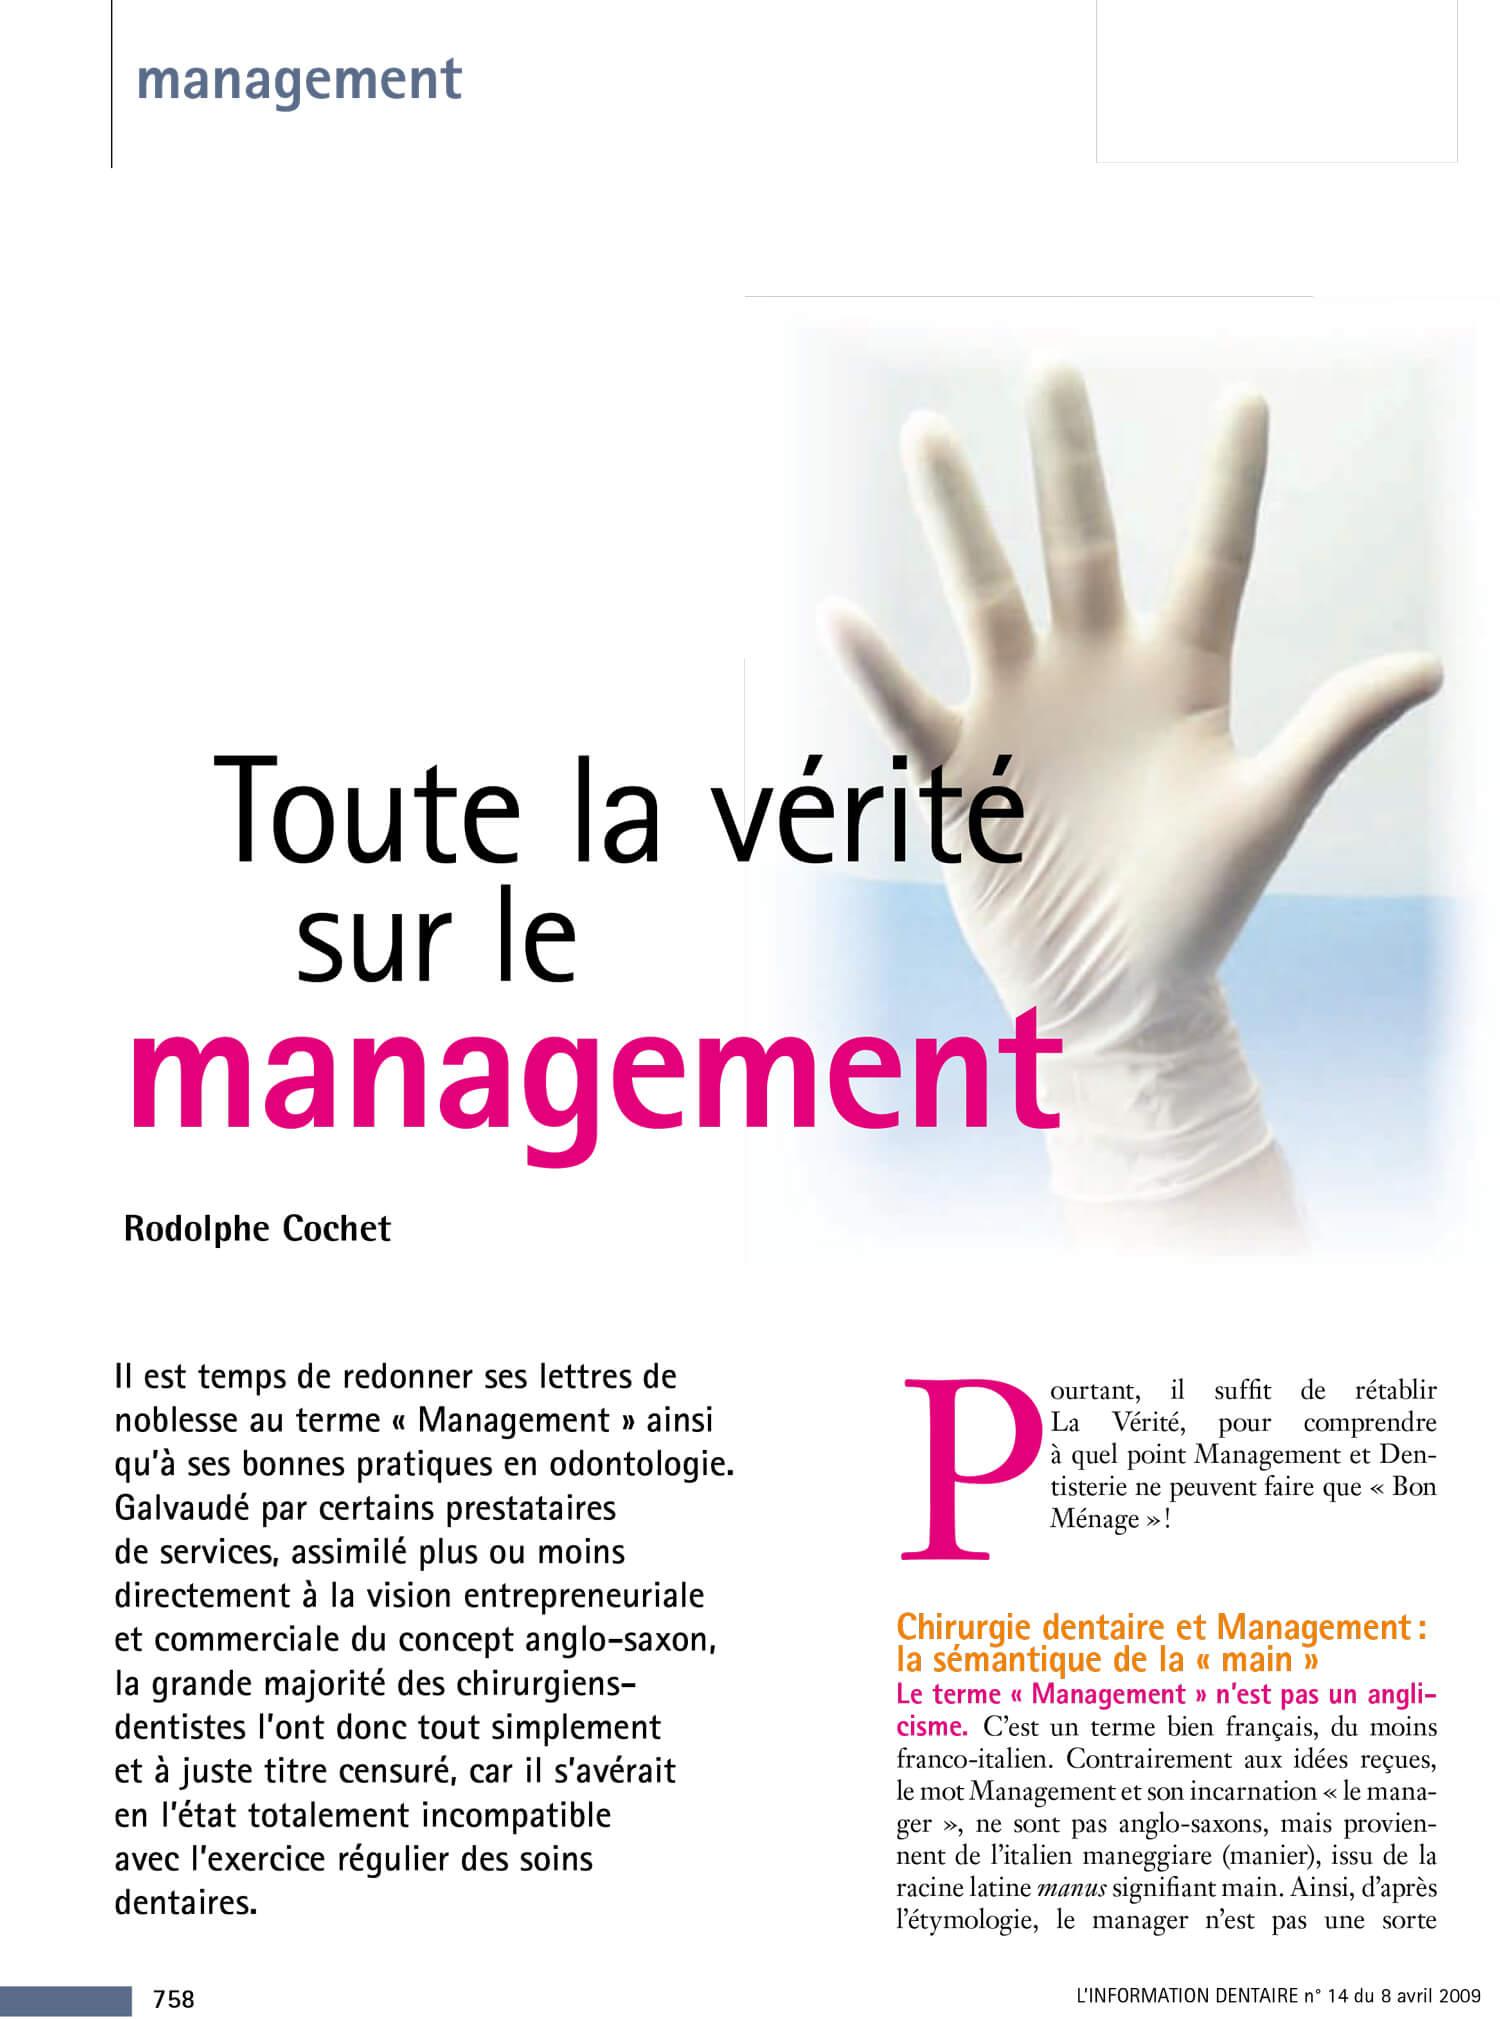 Toute_la_verite_management_odontologique_cabinet_dentaire_Rodolphe_Cochet.jpg